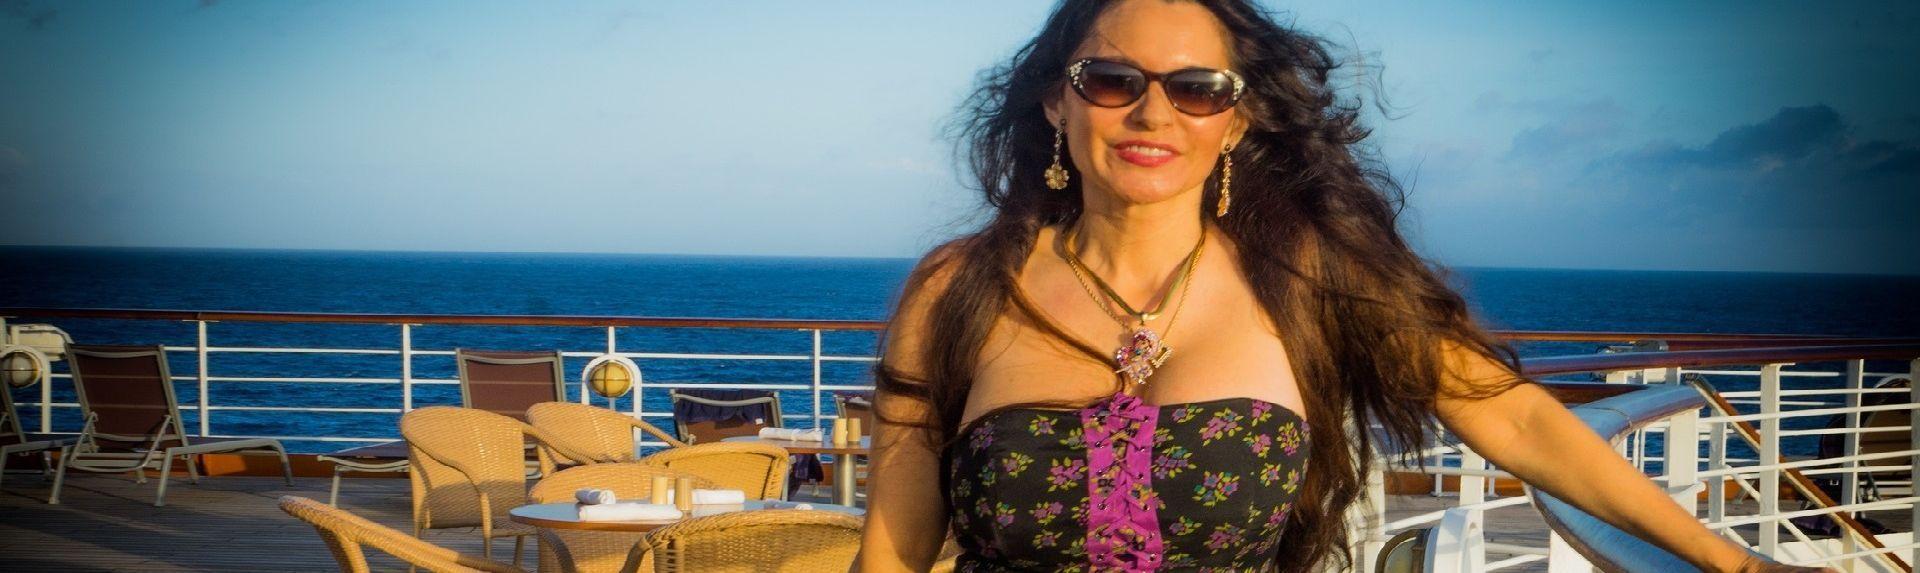 Здоровый образ жизни для женщин после 40 лет